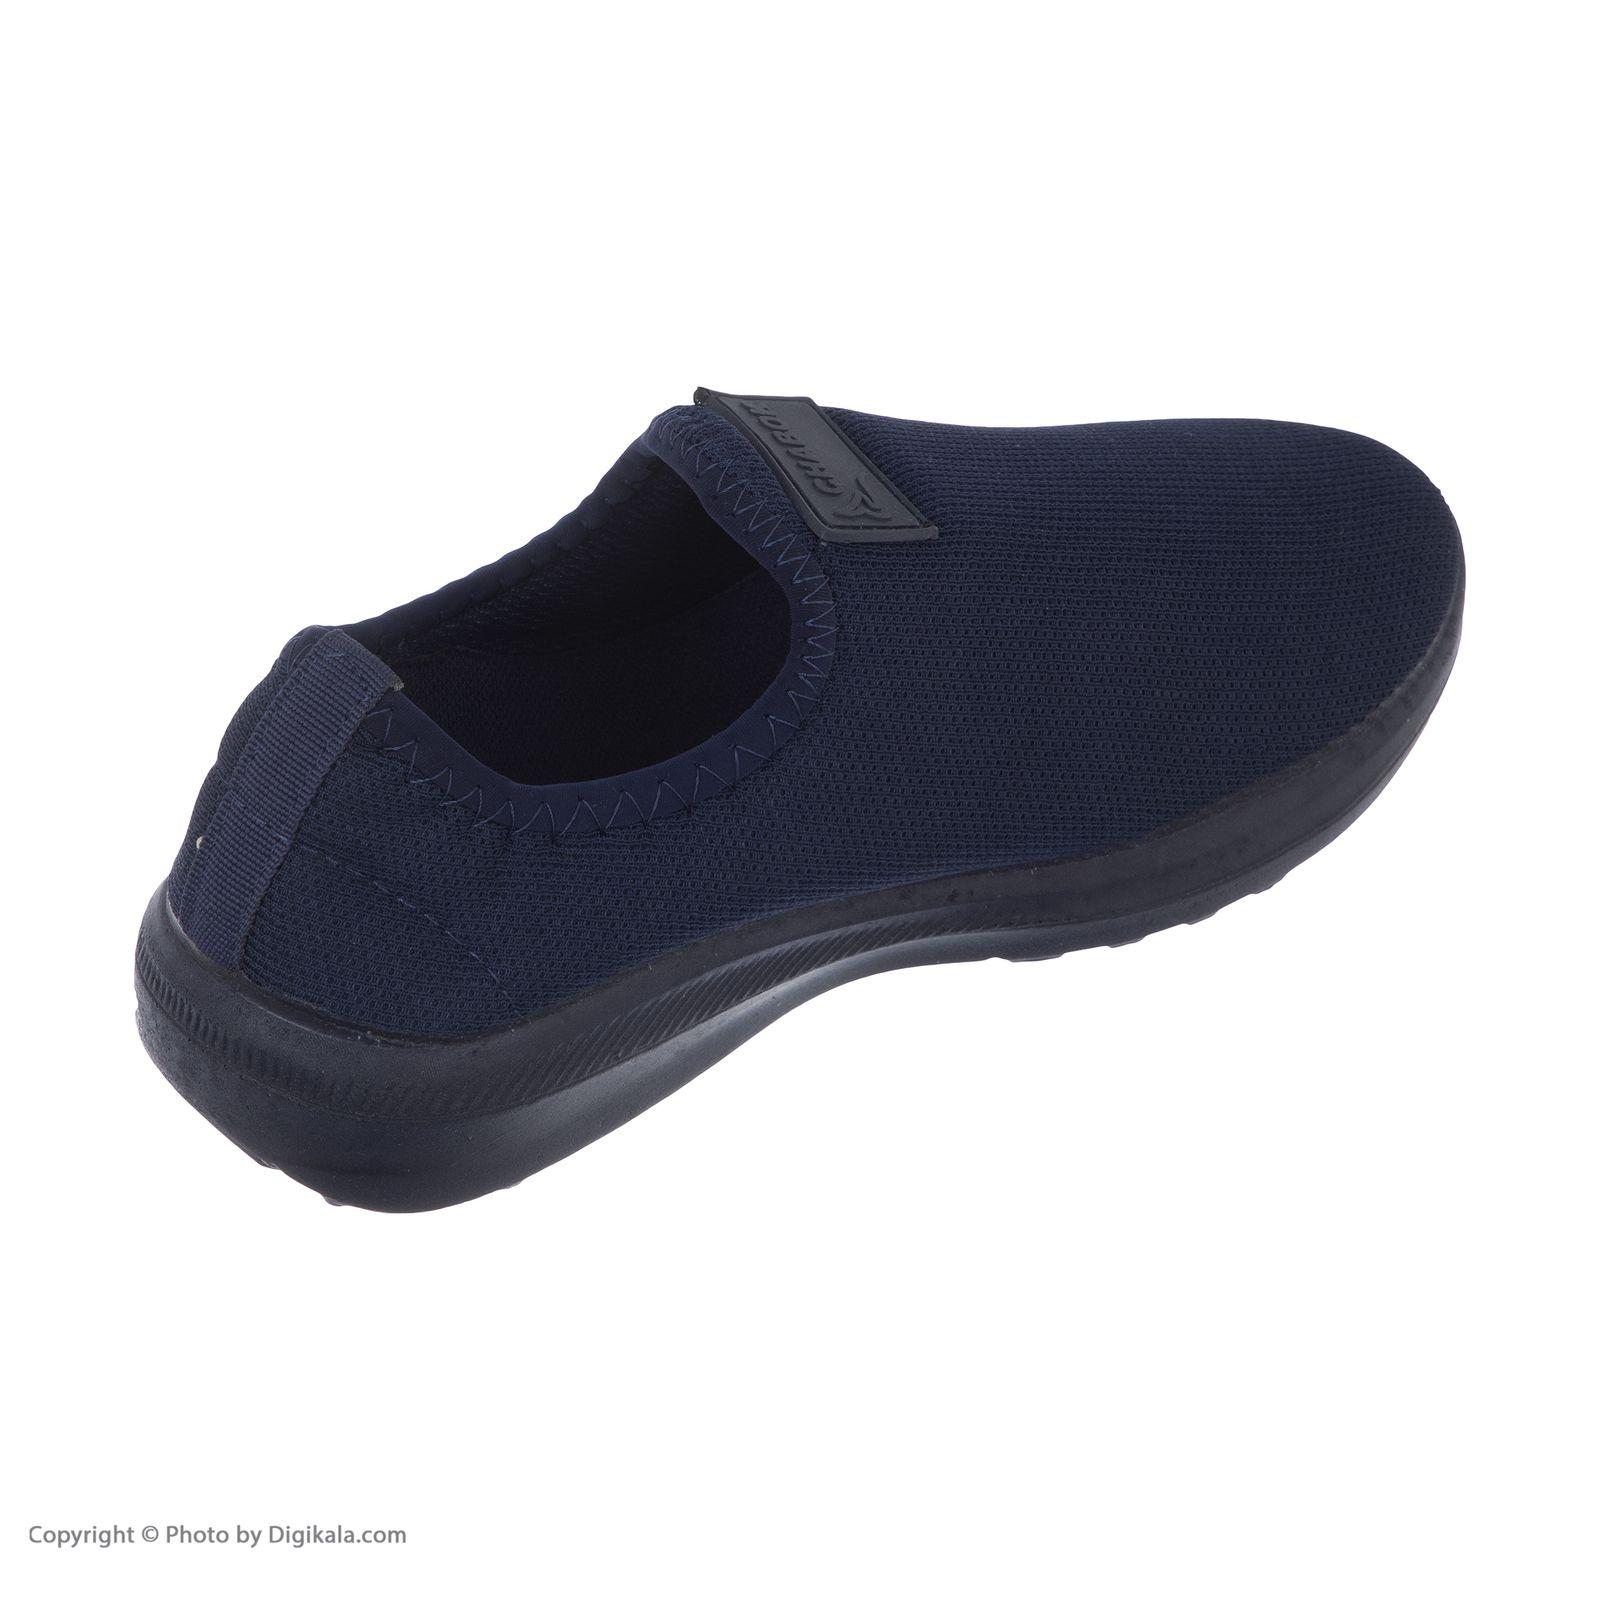 کفش راحتی چابک مدل رامش رنگ سرمه ای -  - 6